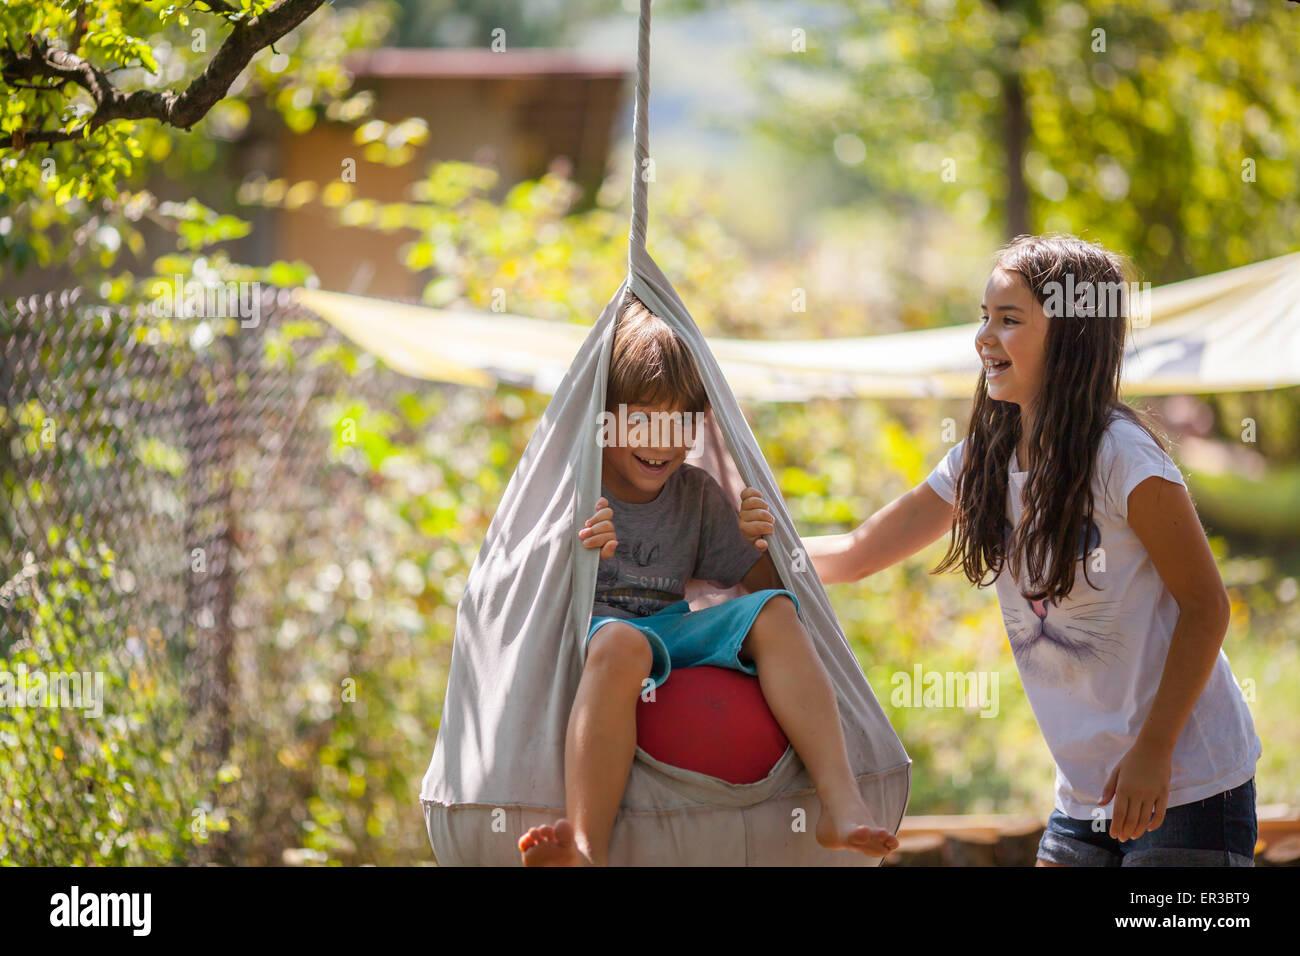 Jungen und Mädchen spielen auf einer Schaukel im Garten Stockbild